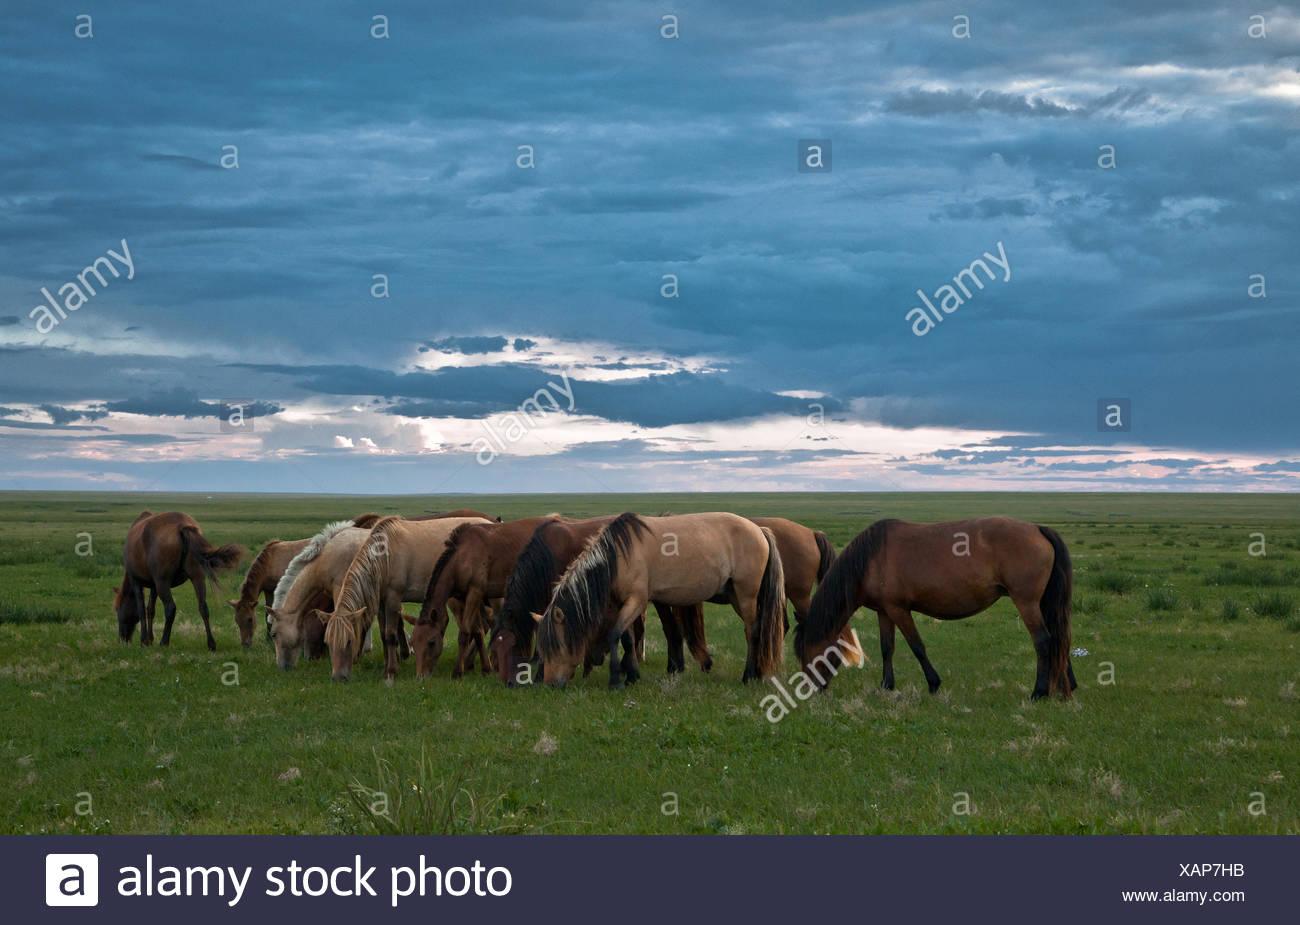 Dornod mongolia